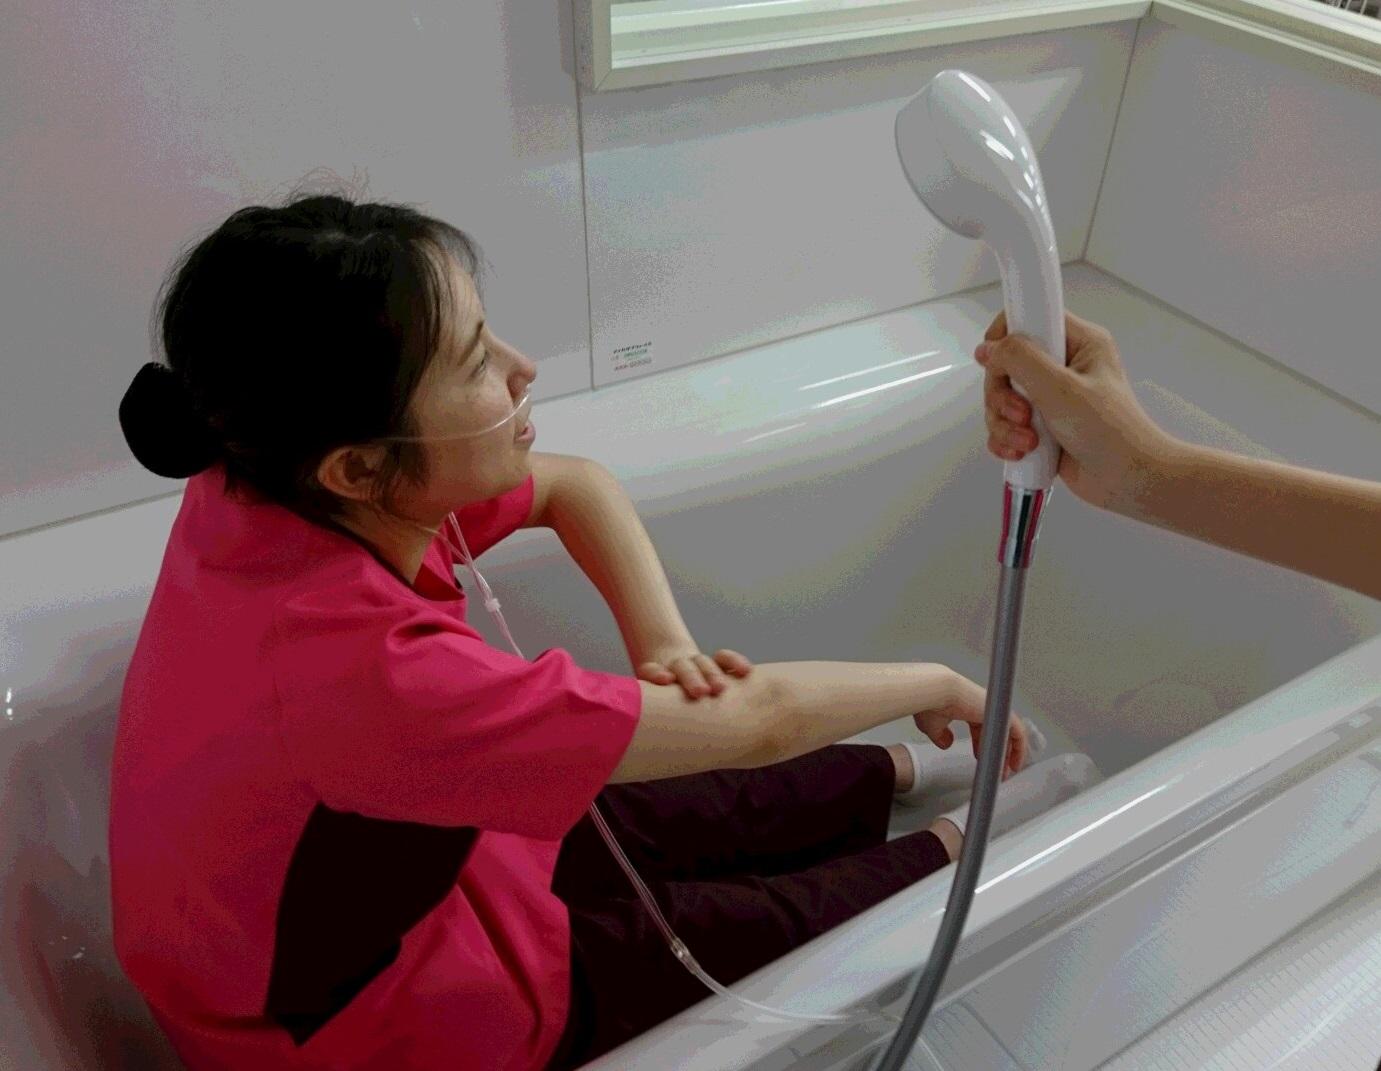 演習紹介 器具を使って「酸素」を吸って生活する人を看護しよう!